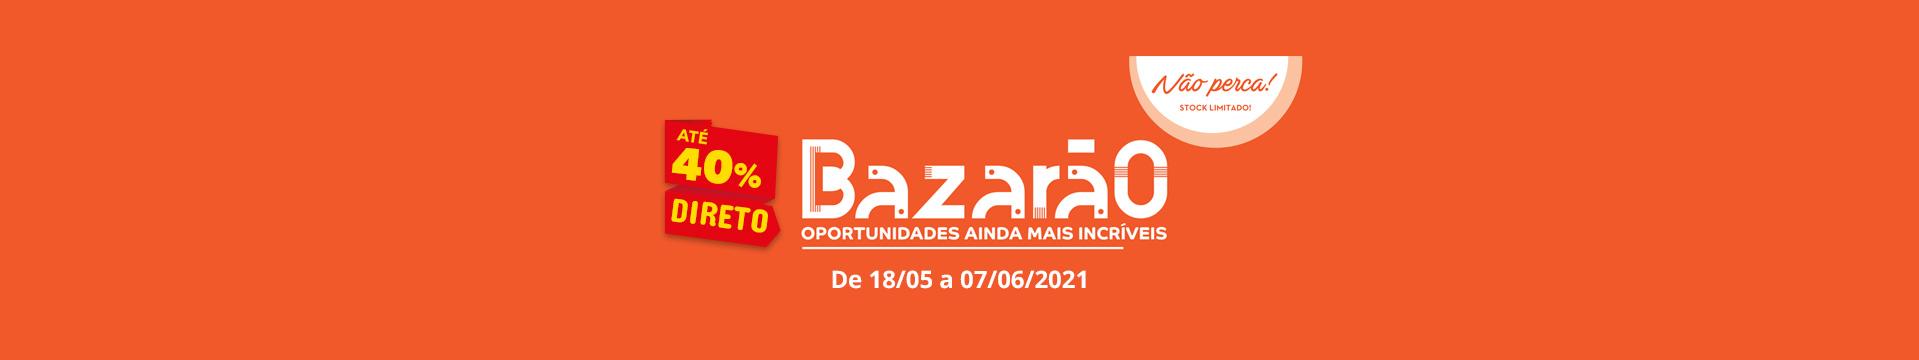 Bazarão